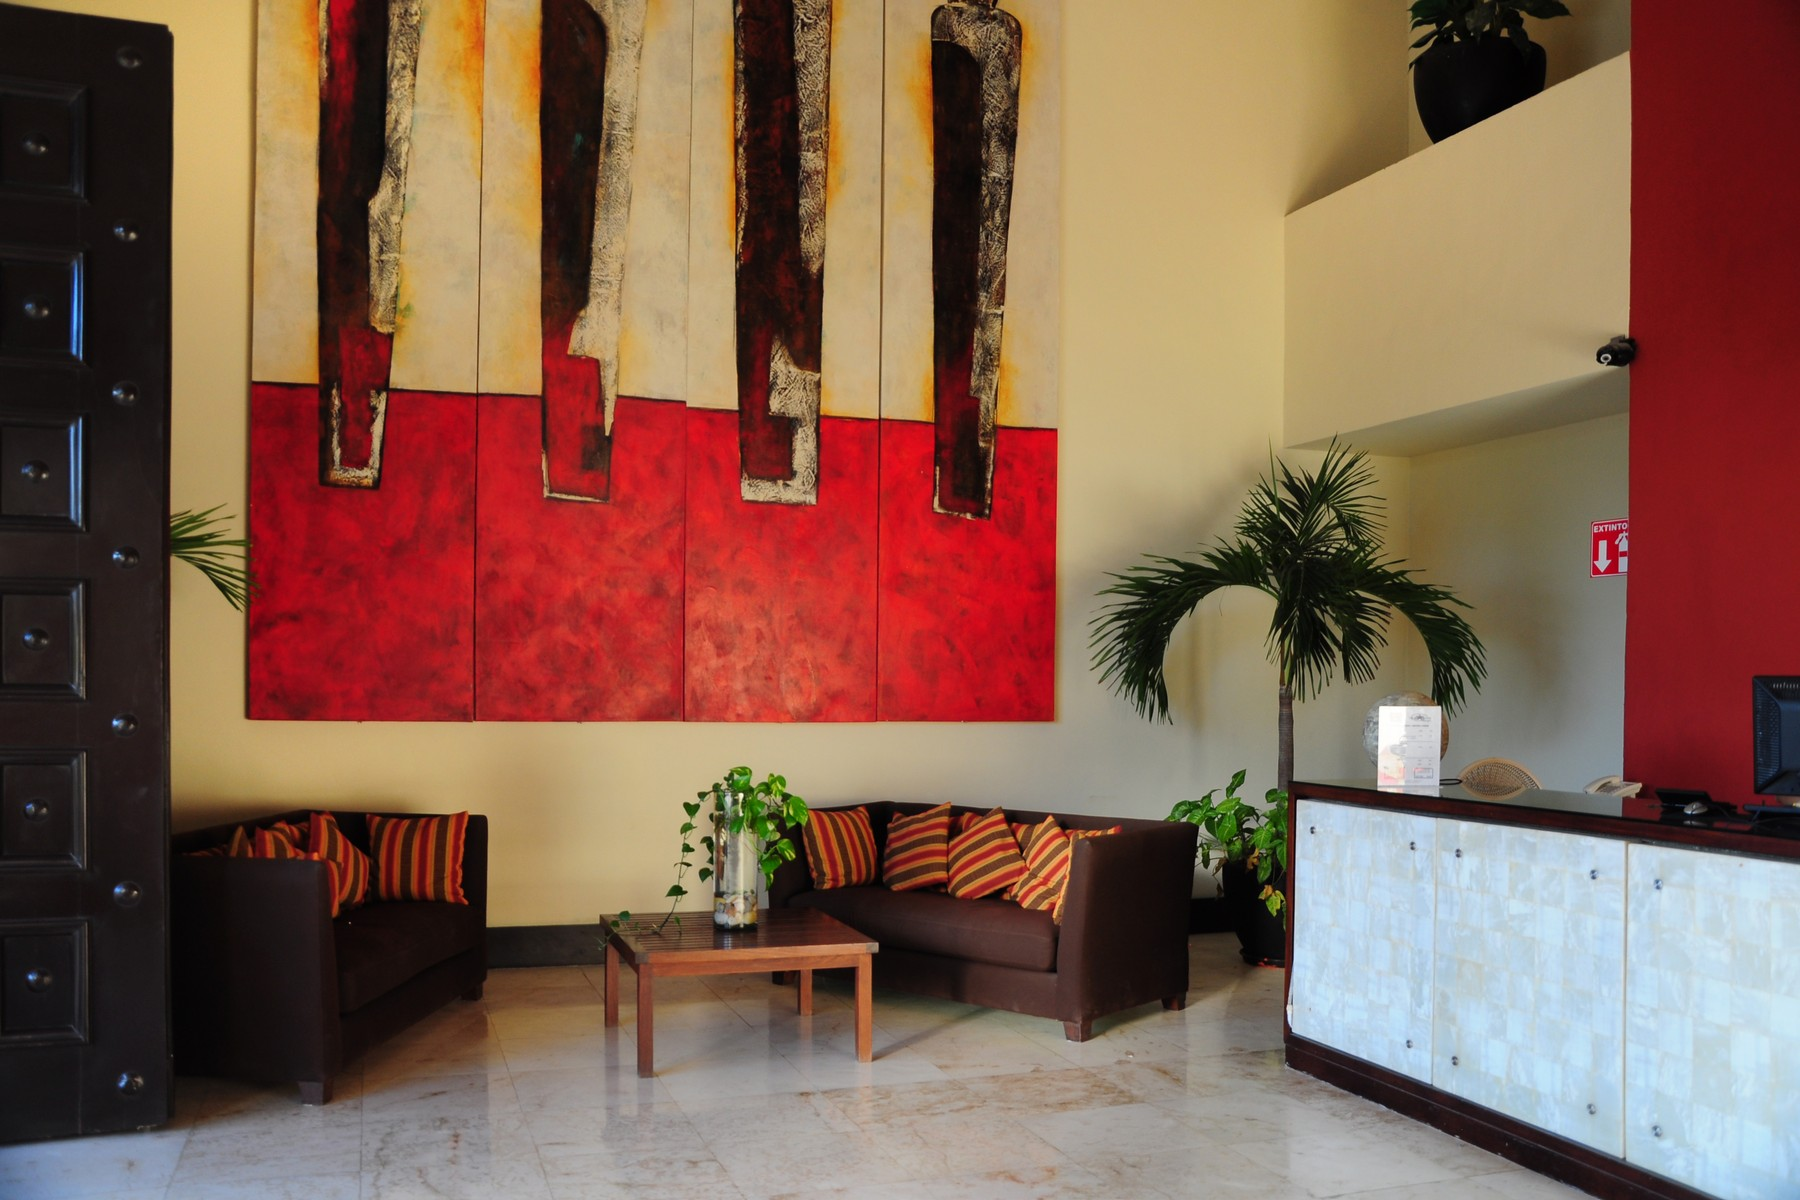 Additional photo for property listing at PUEBLITO ESCONDIDO CON UBICACIÓN PRIVILEGIADA Pueblito Escondido privileged location Lote 2 Mza 8 SM 0, calle treinta y ocho norte Playa Del Carmen, Quintana Roo 77710 México